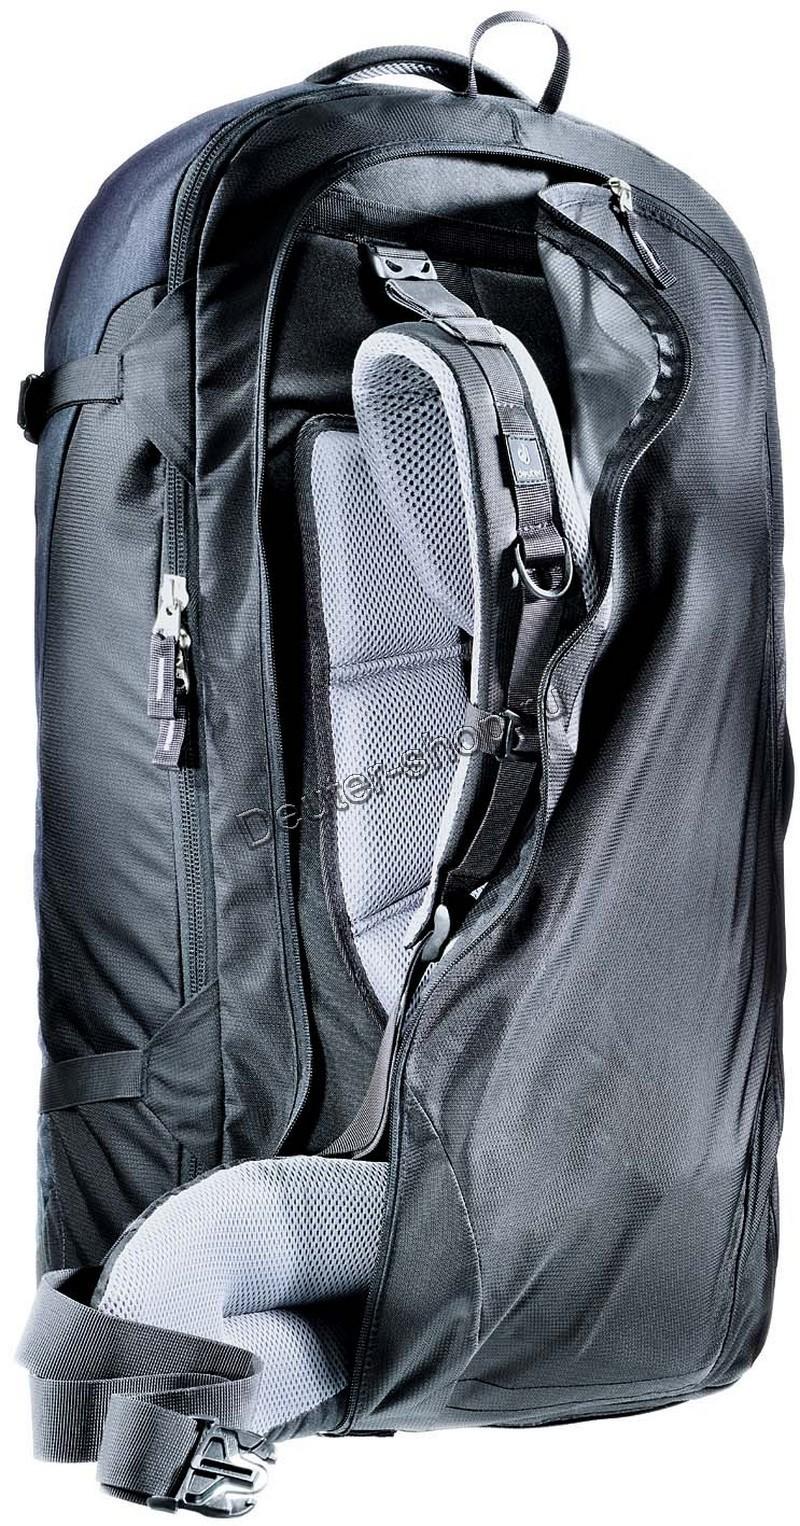 edabacca1b50 Deuter Traveller 80+10 сумка рюкзак дорожная для путешествий ...